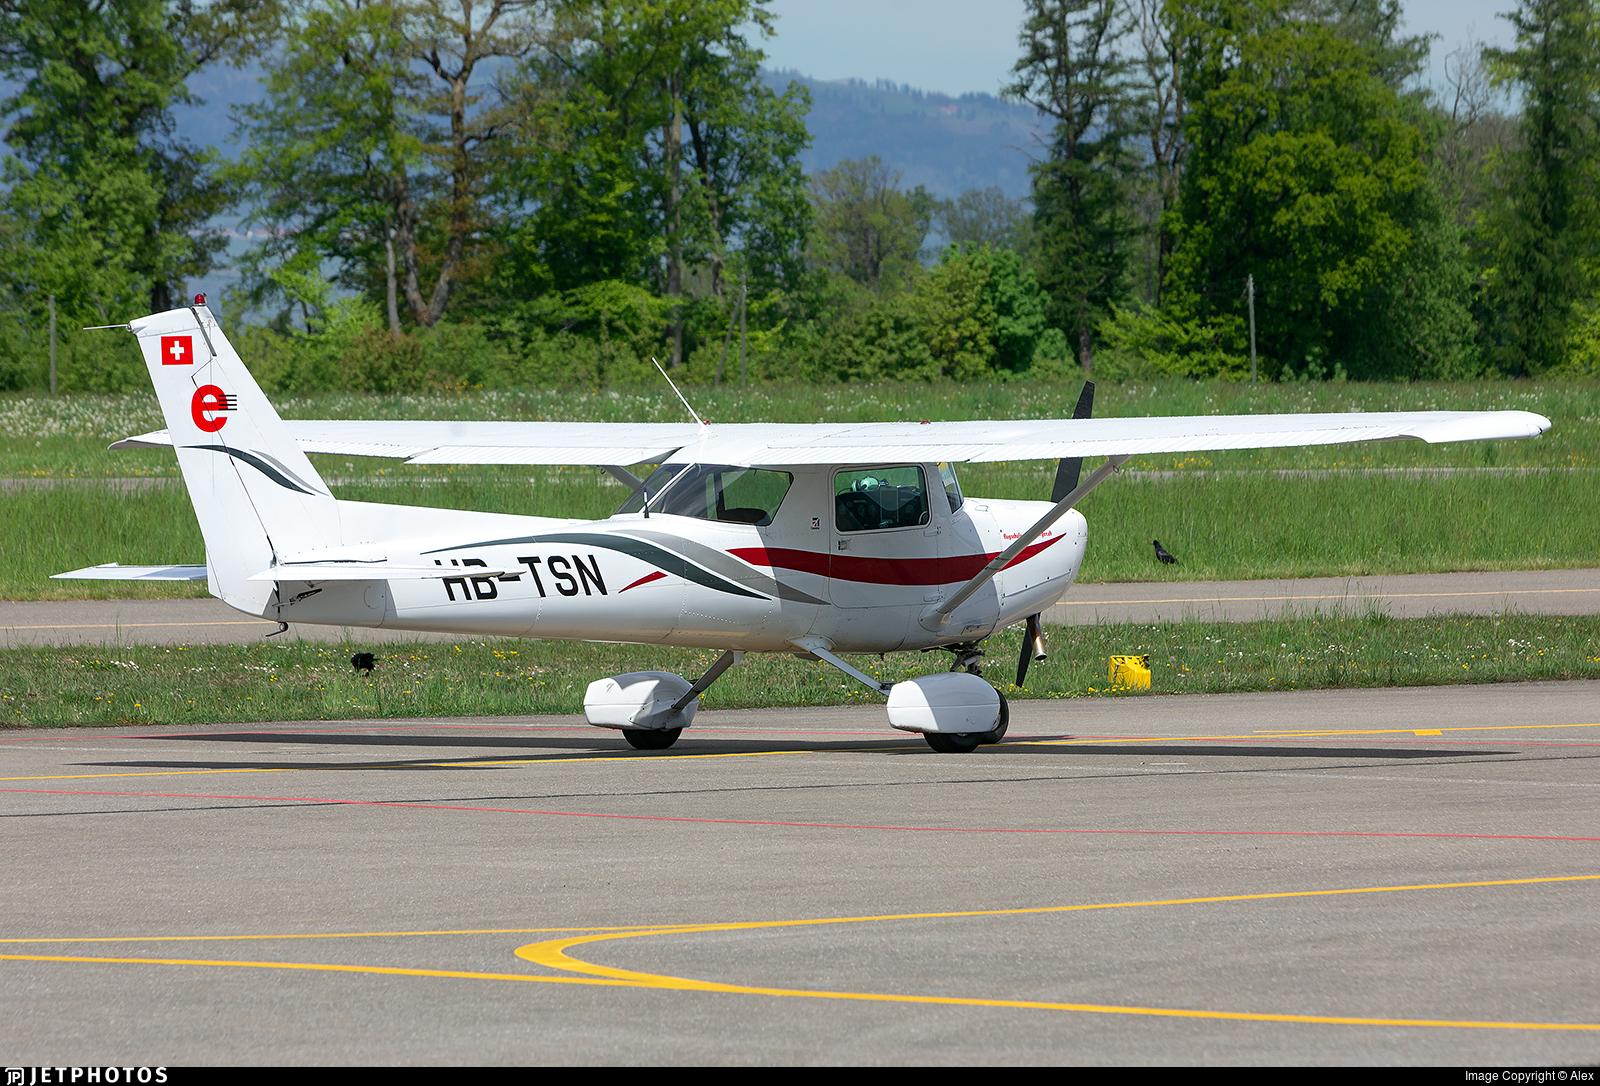 HB-TSN - Cessna 152 - Flugschule Eichenberger